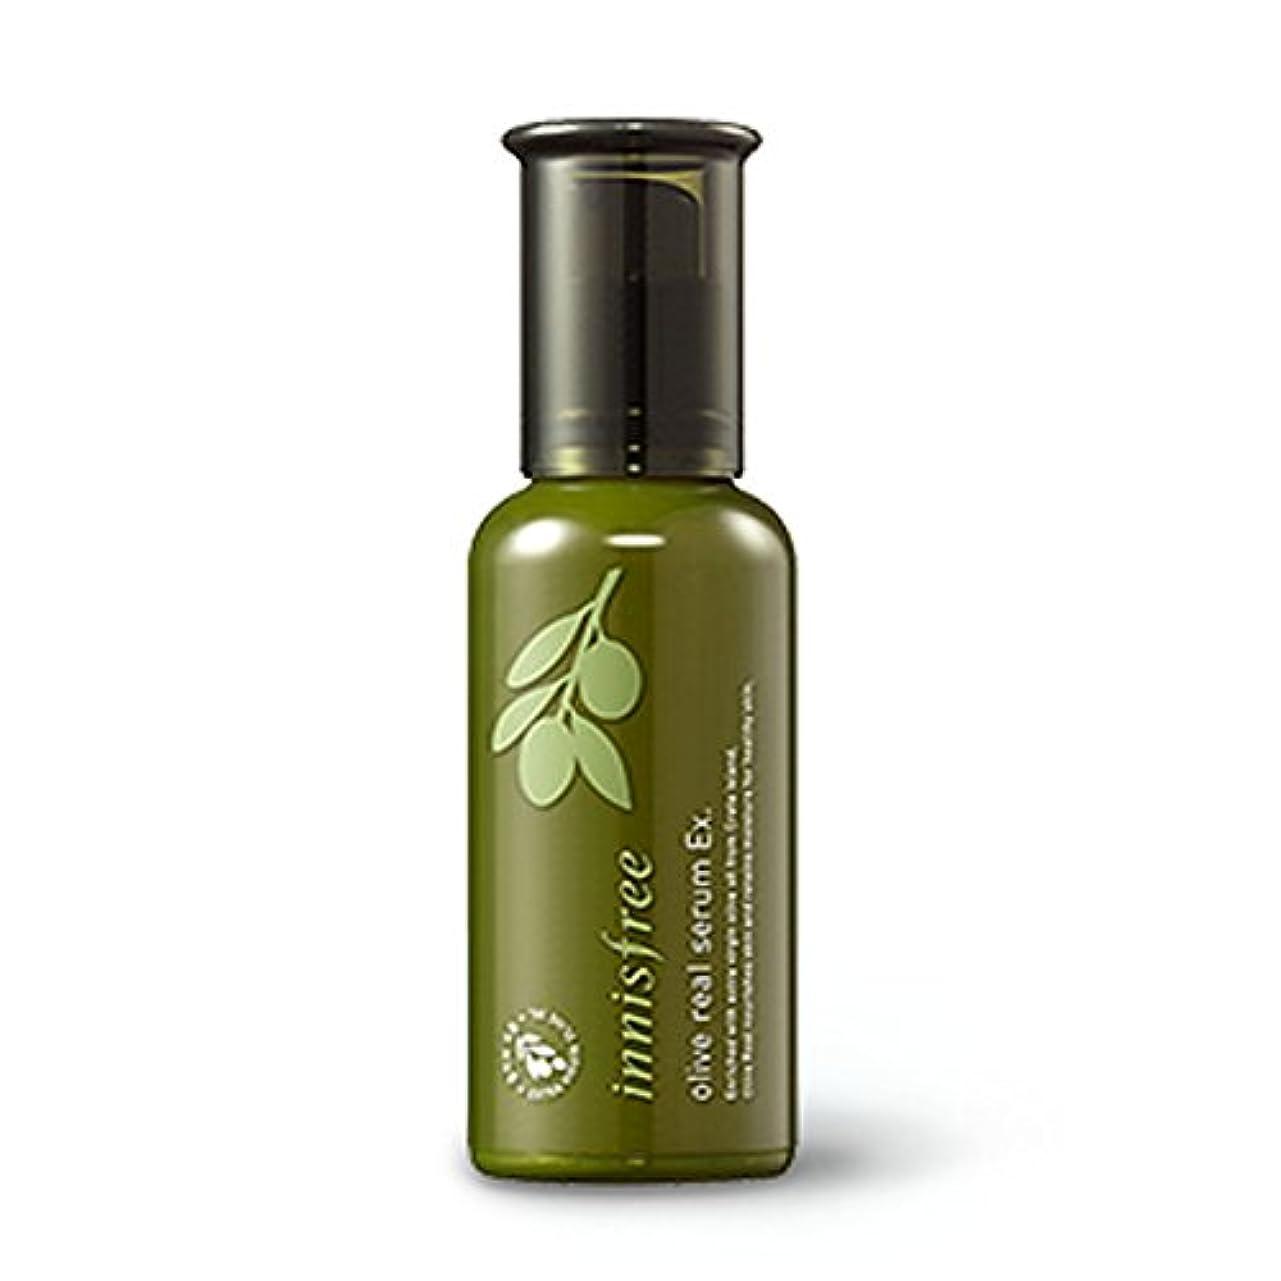 シネマレディしっかりイニスフリーオリーブリアルセラム 50ml / Innisfree Olive Real Serum Ex. 50ml[海外直送品][並行輸入品]